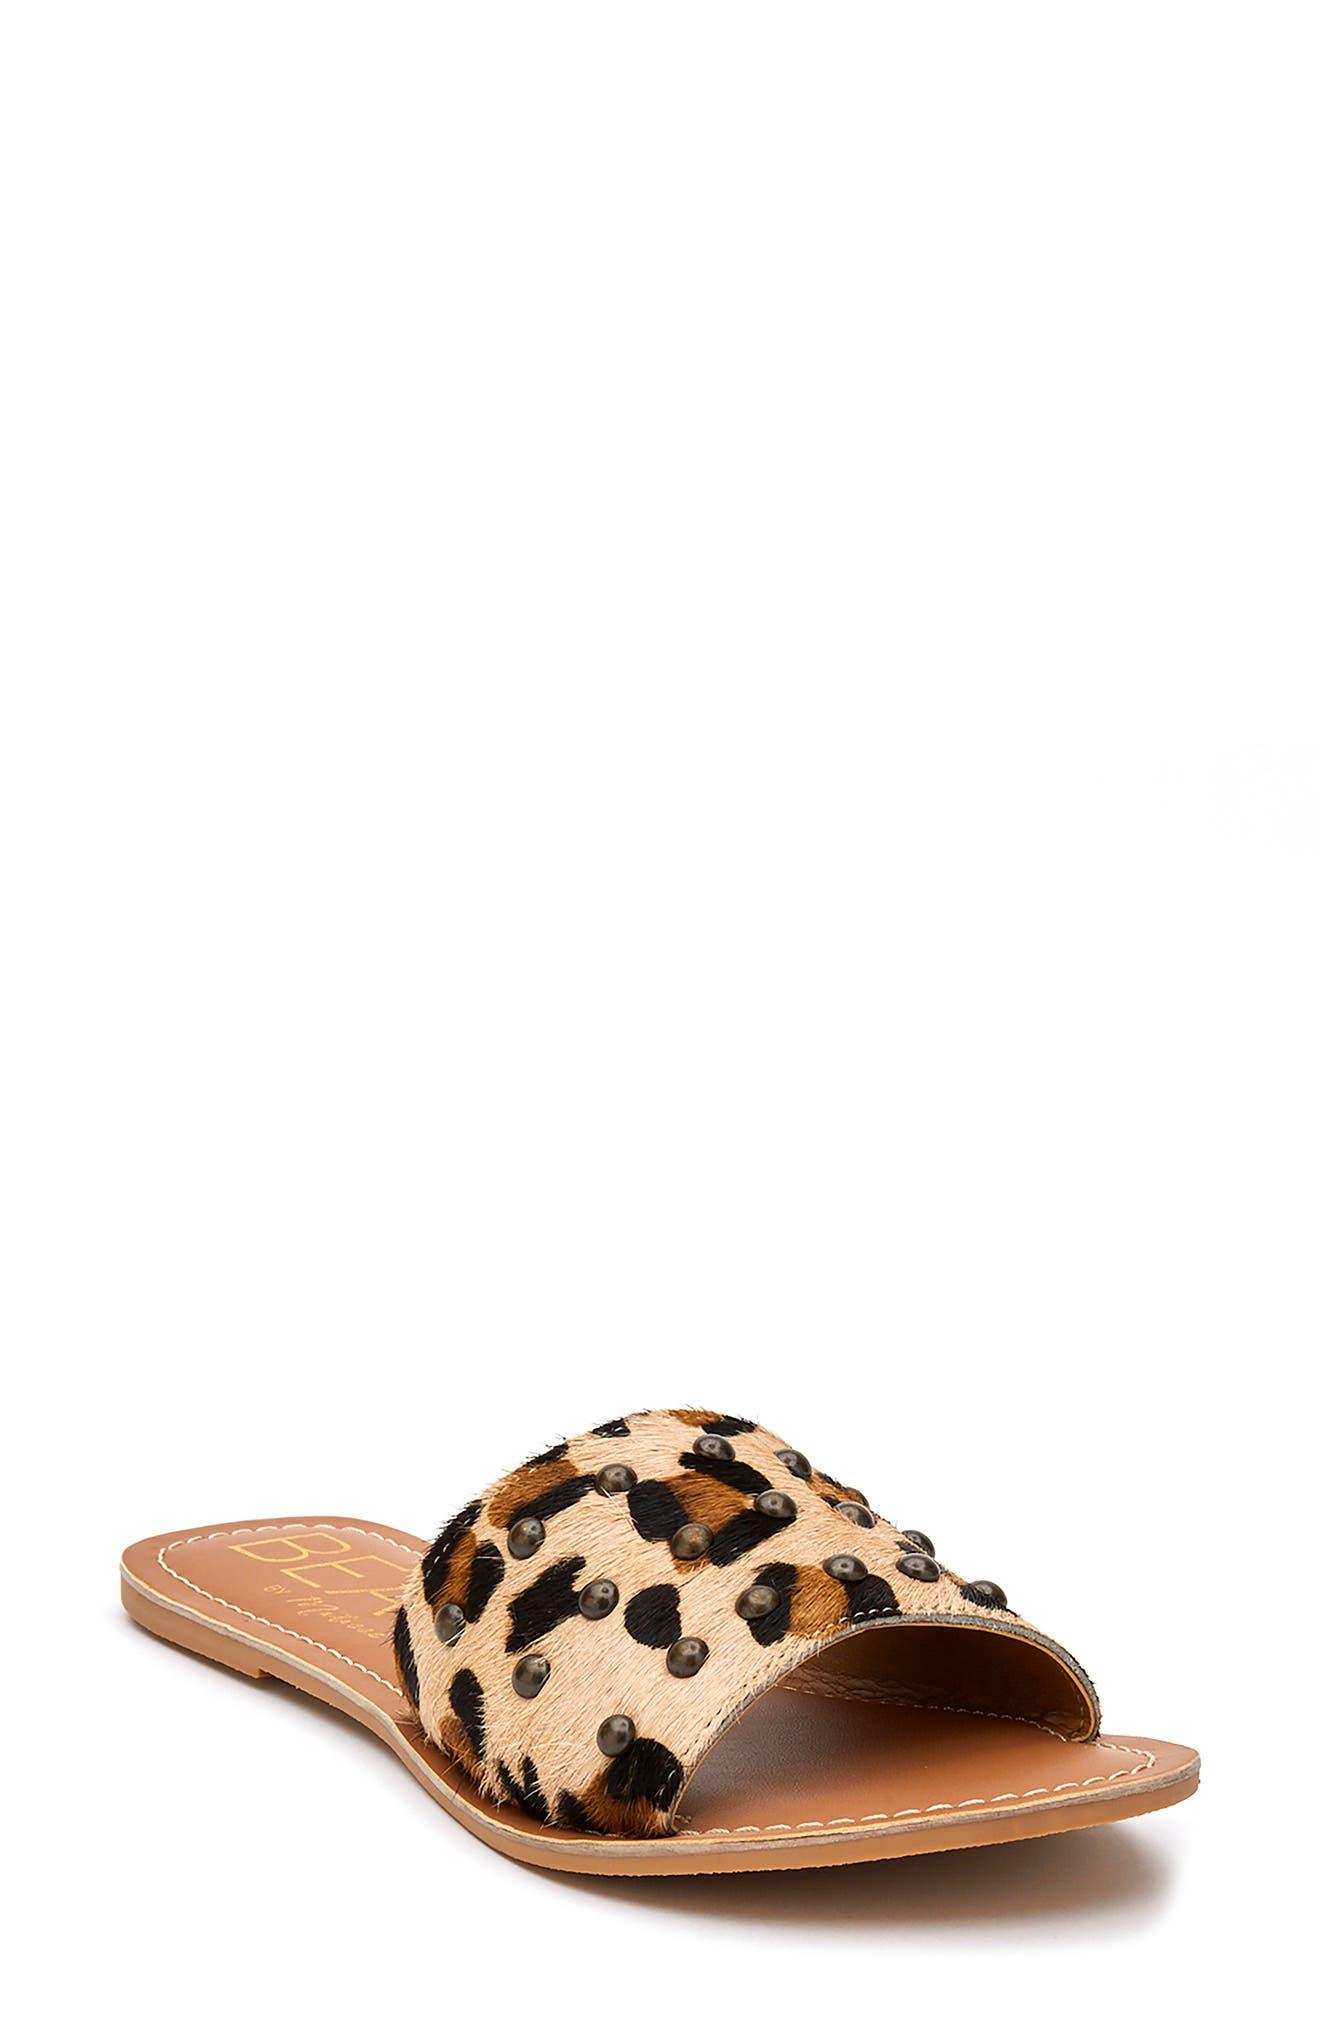 Salty Slide Sandal